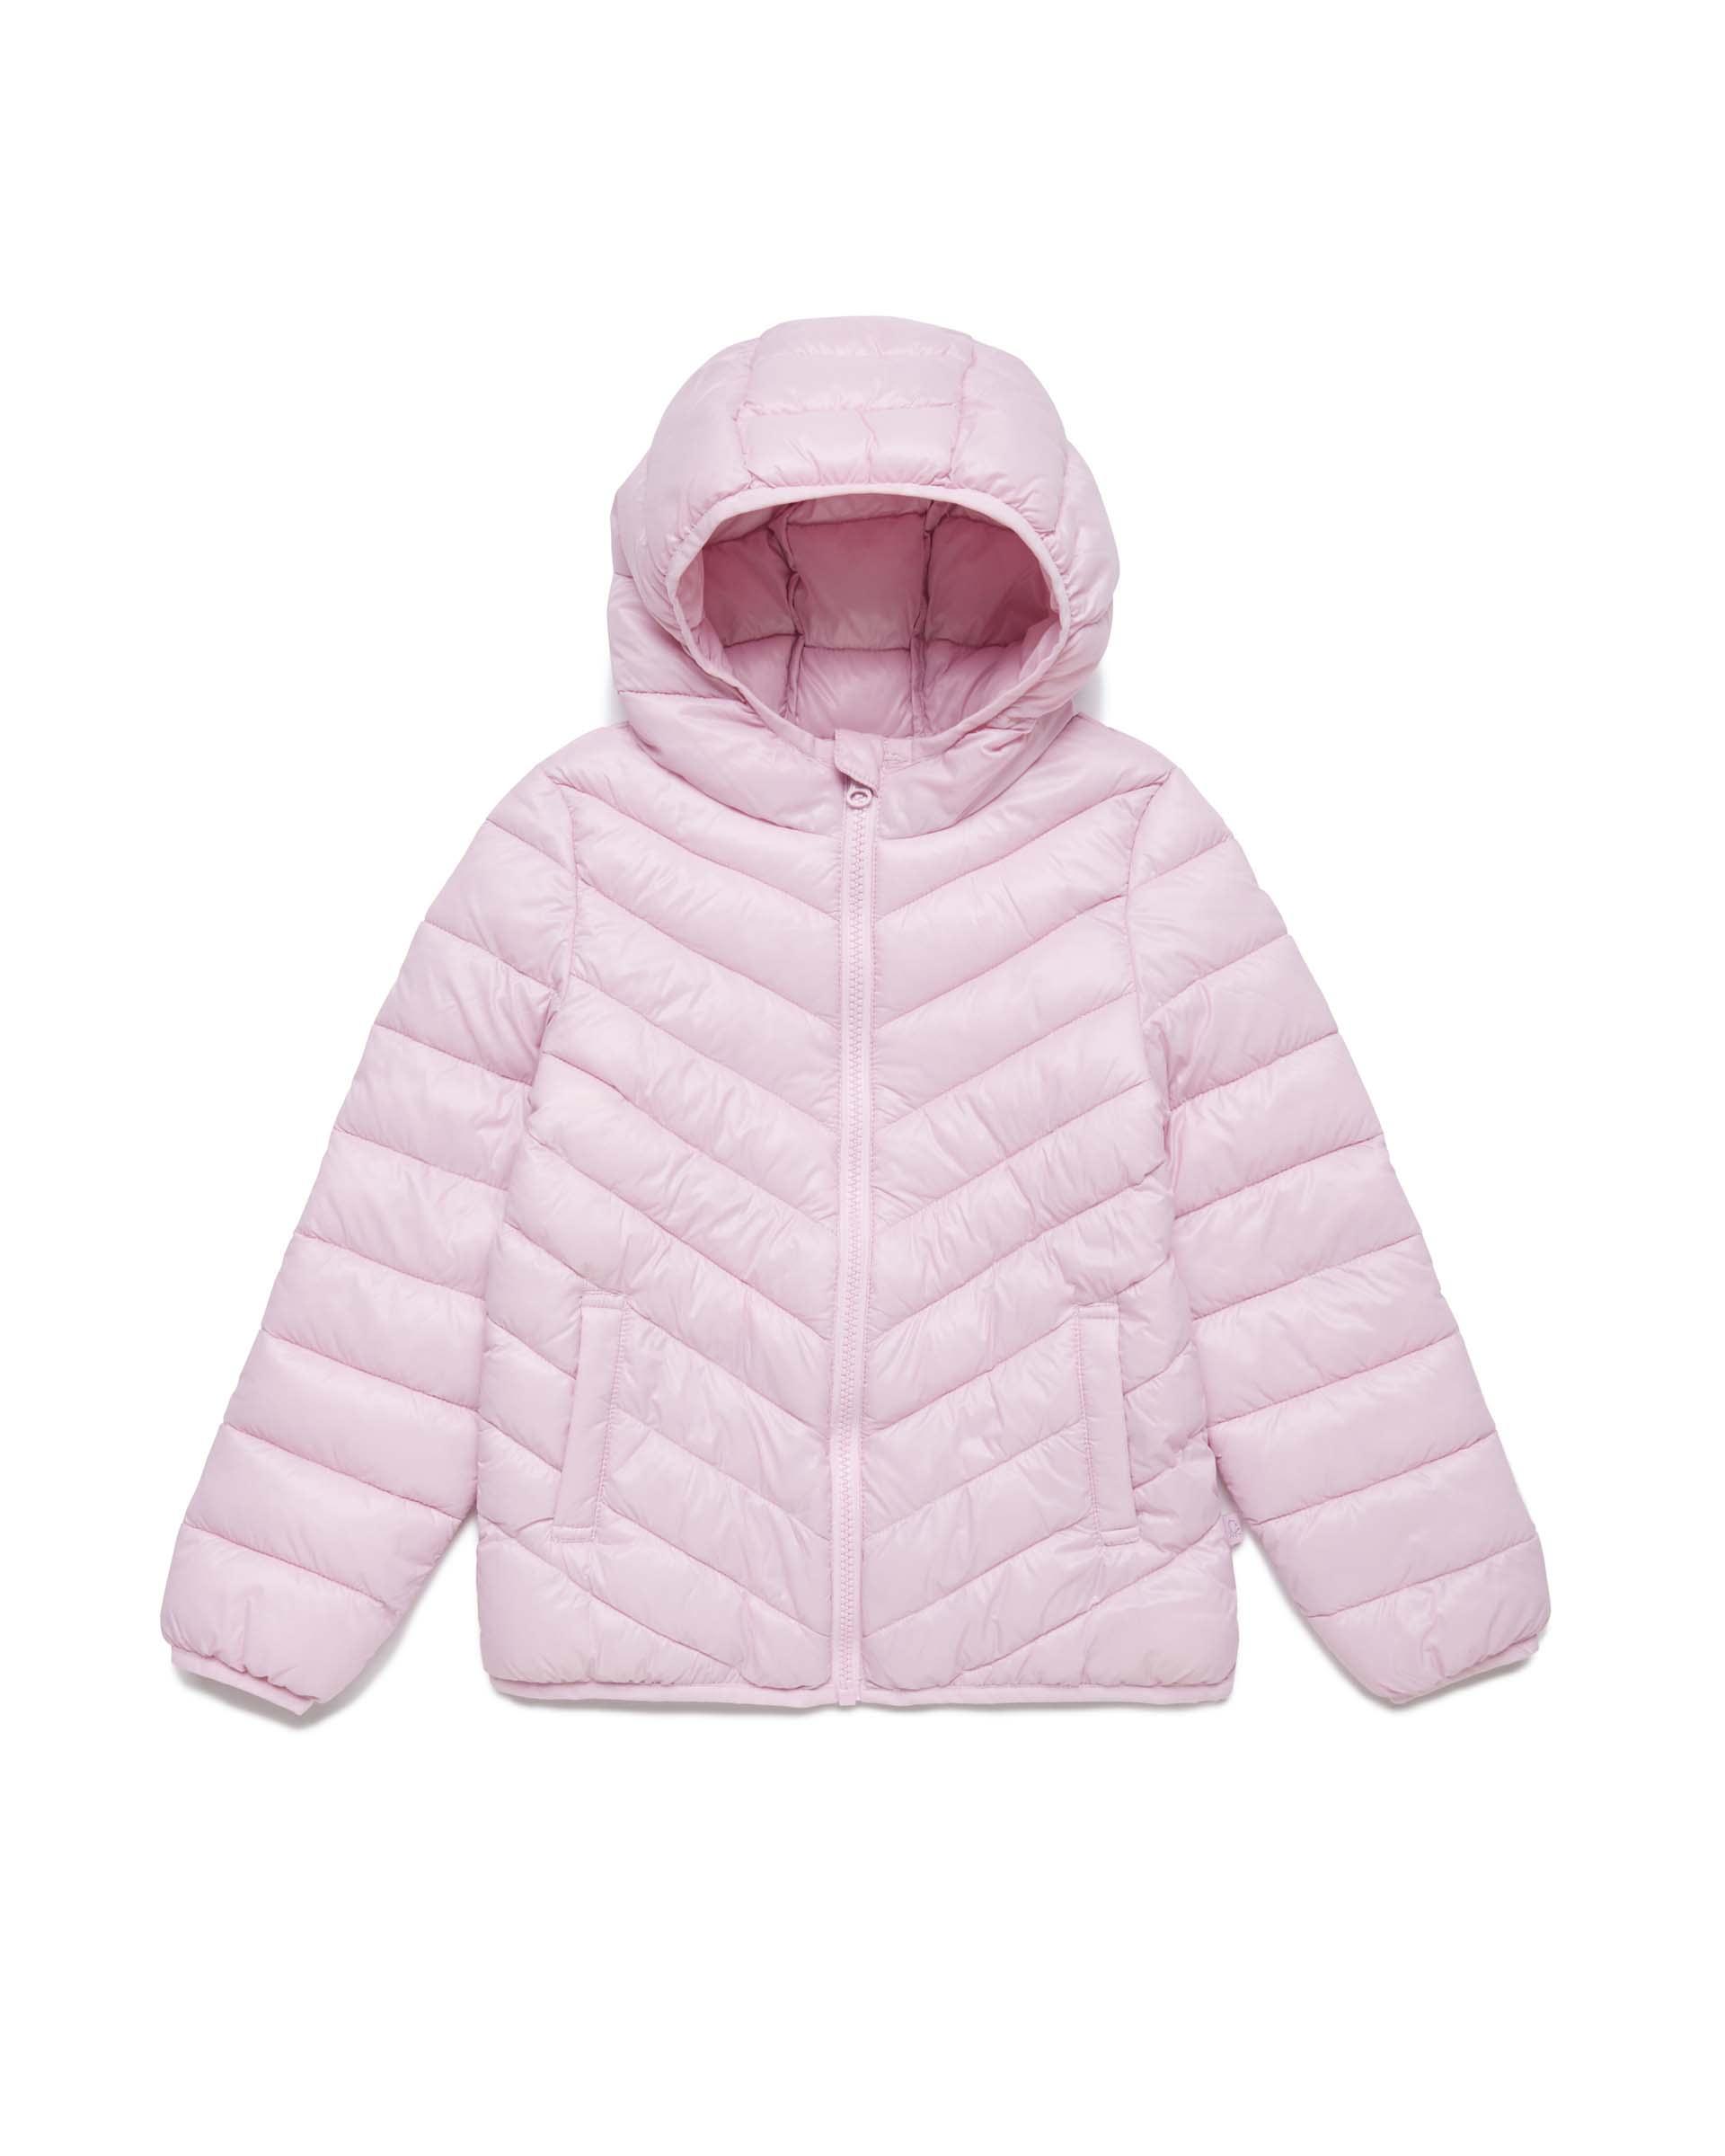 Купить 20P_2RQ453HQ0_07M, Укороченная куртка для девочек Benetton 2RQ453HQ0_07M р-р 92, United Colors of Benetton, Куртки для девочек